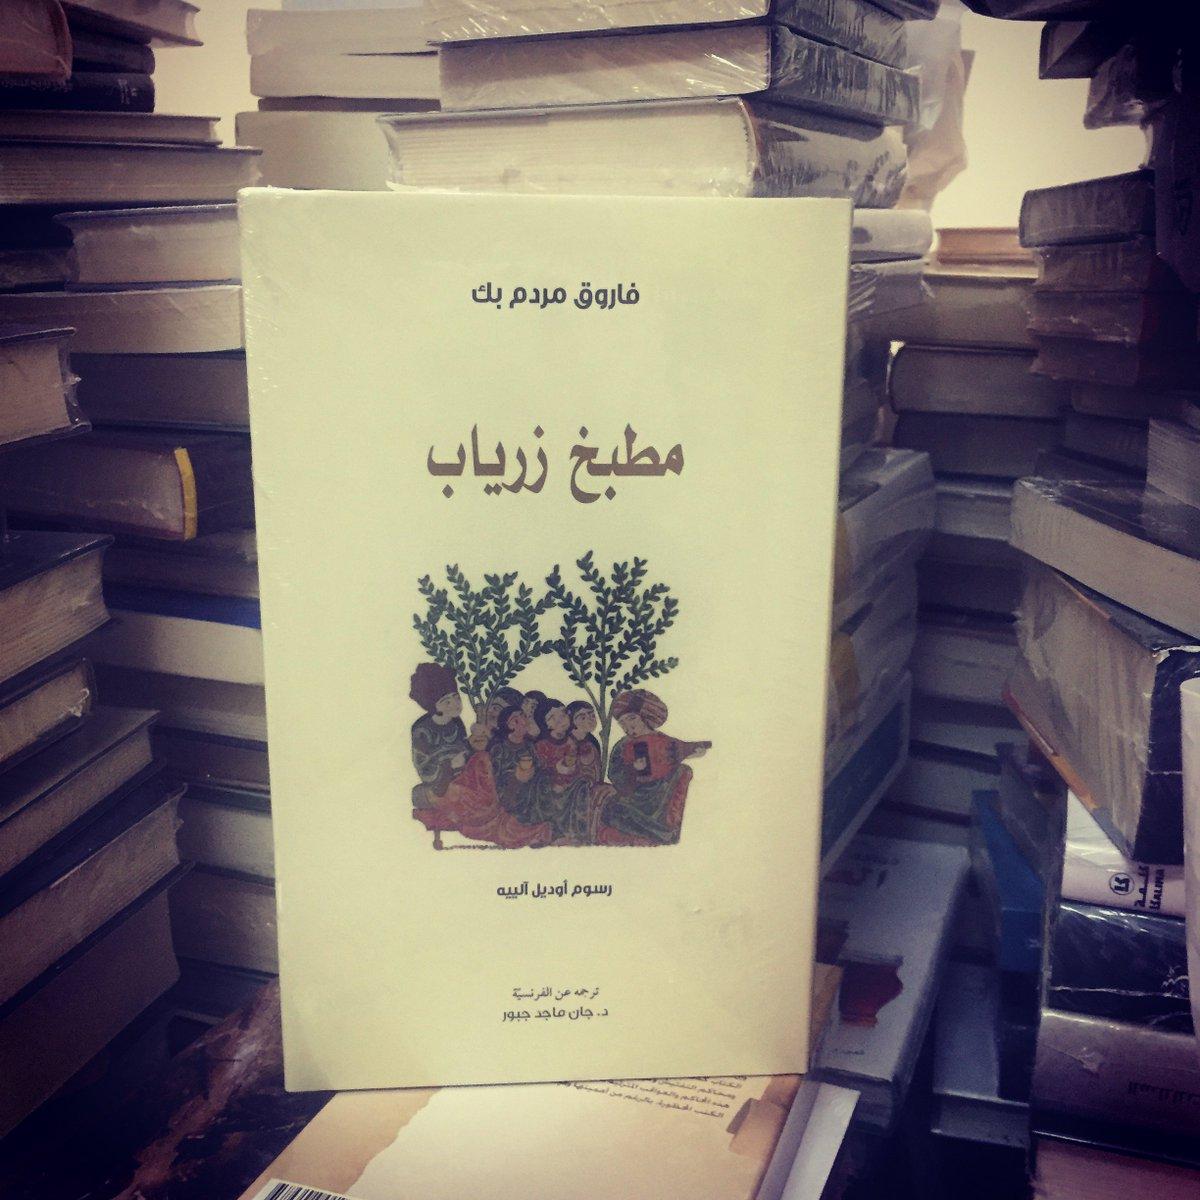 مطبخ زرياب.. تاريخ الطبخ كمزحة جادة / محمود حسني